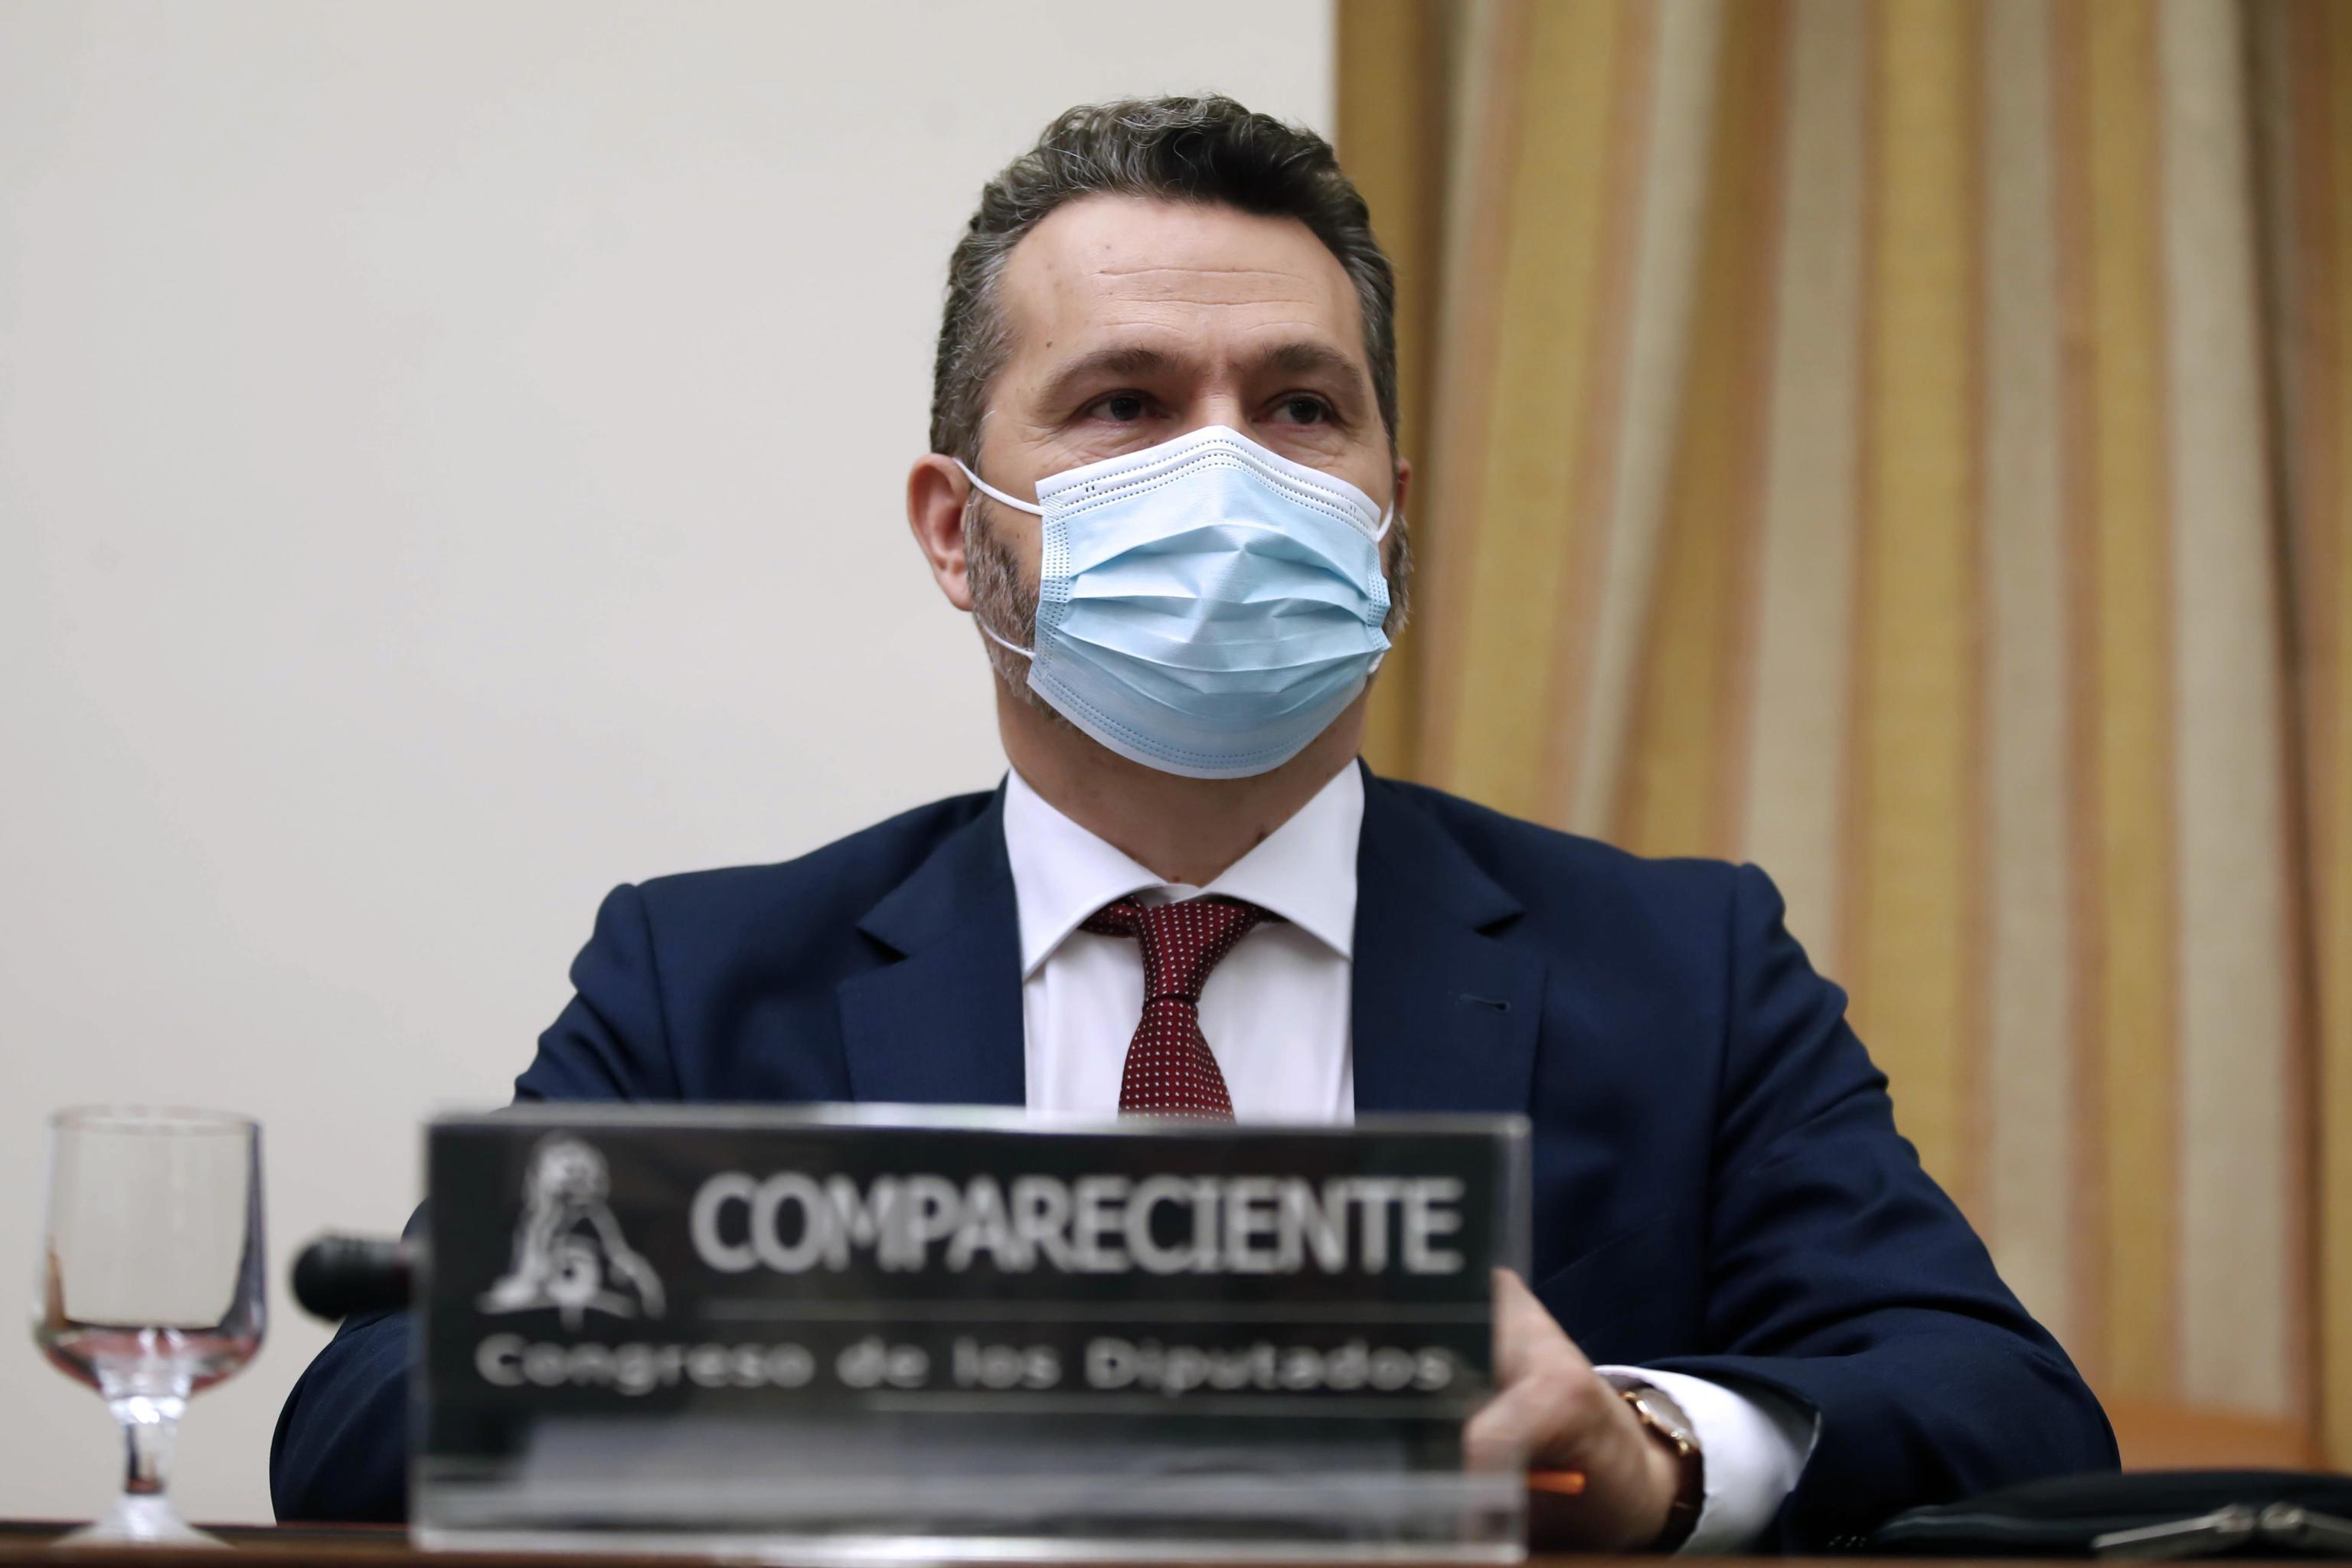 El presidente de la CNMV, Rodrigo Buenaventura, en el Congreso de los Diputados.